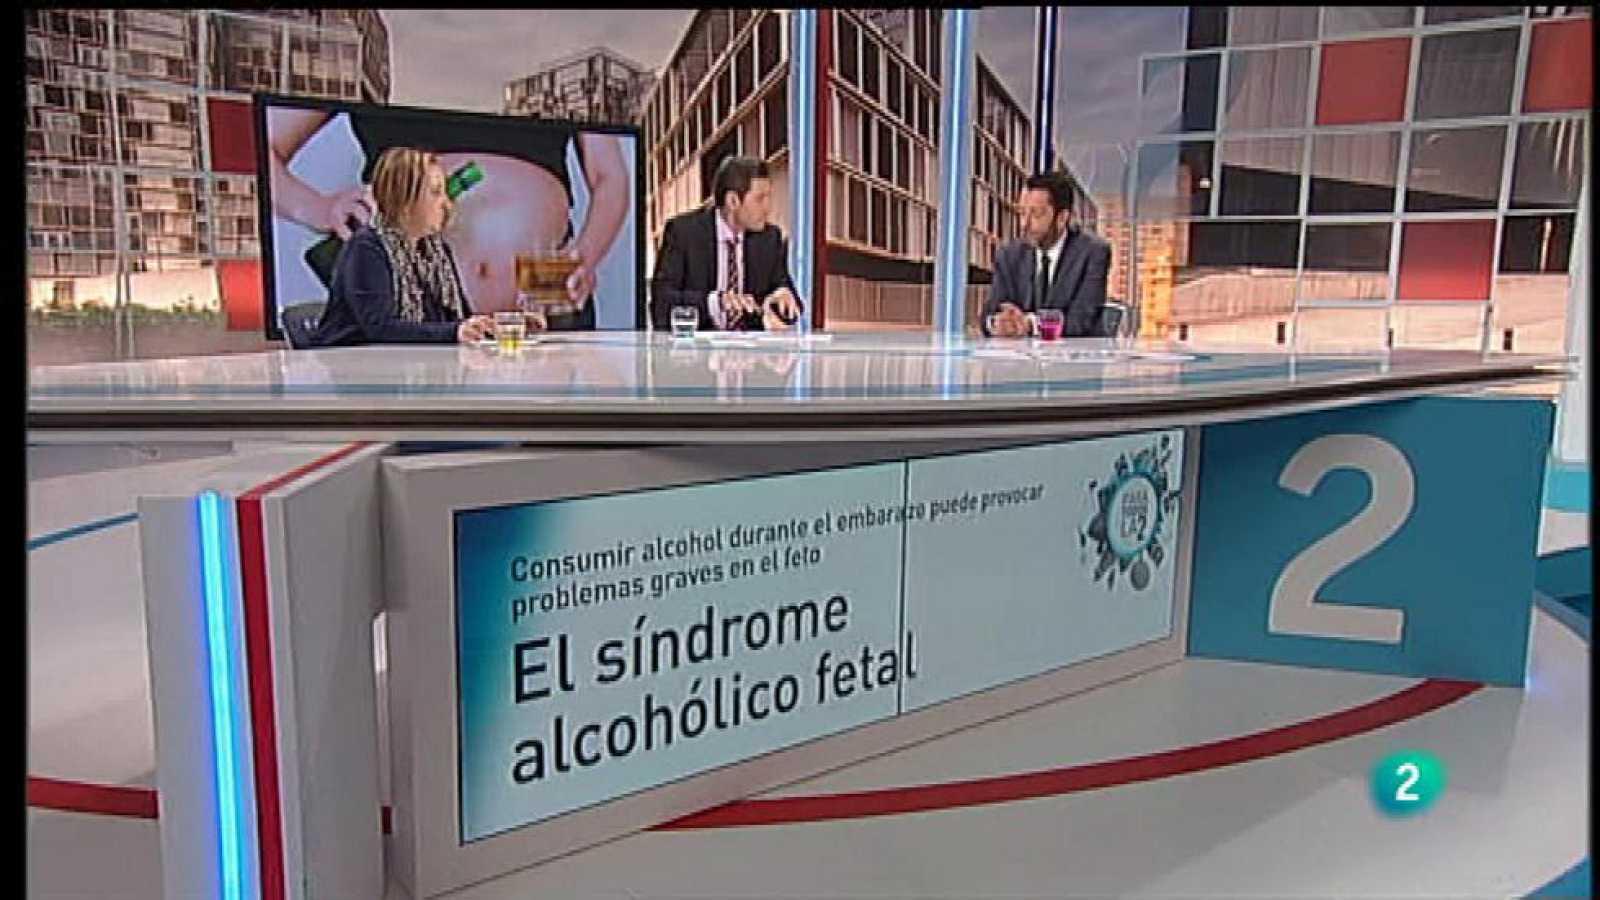 Para Todos la 2 - Debate - Síndrome alcohólico fetal